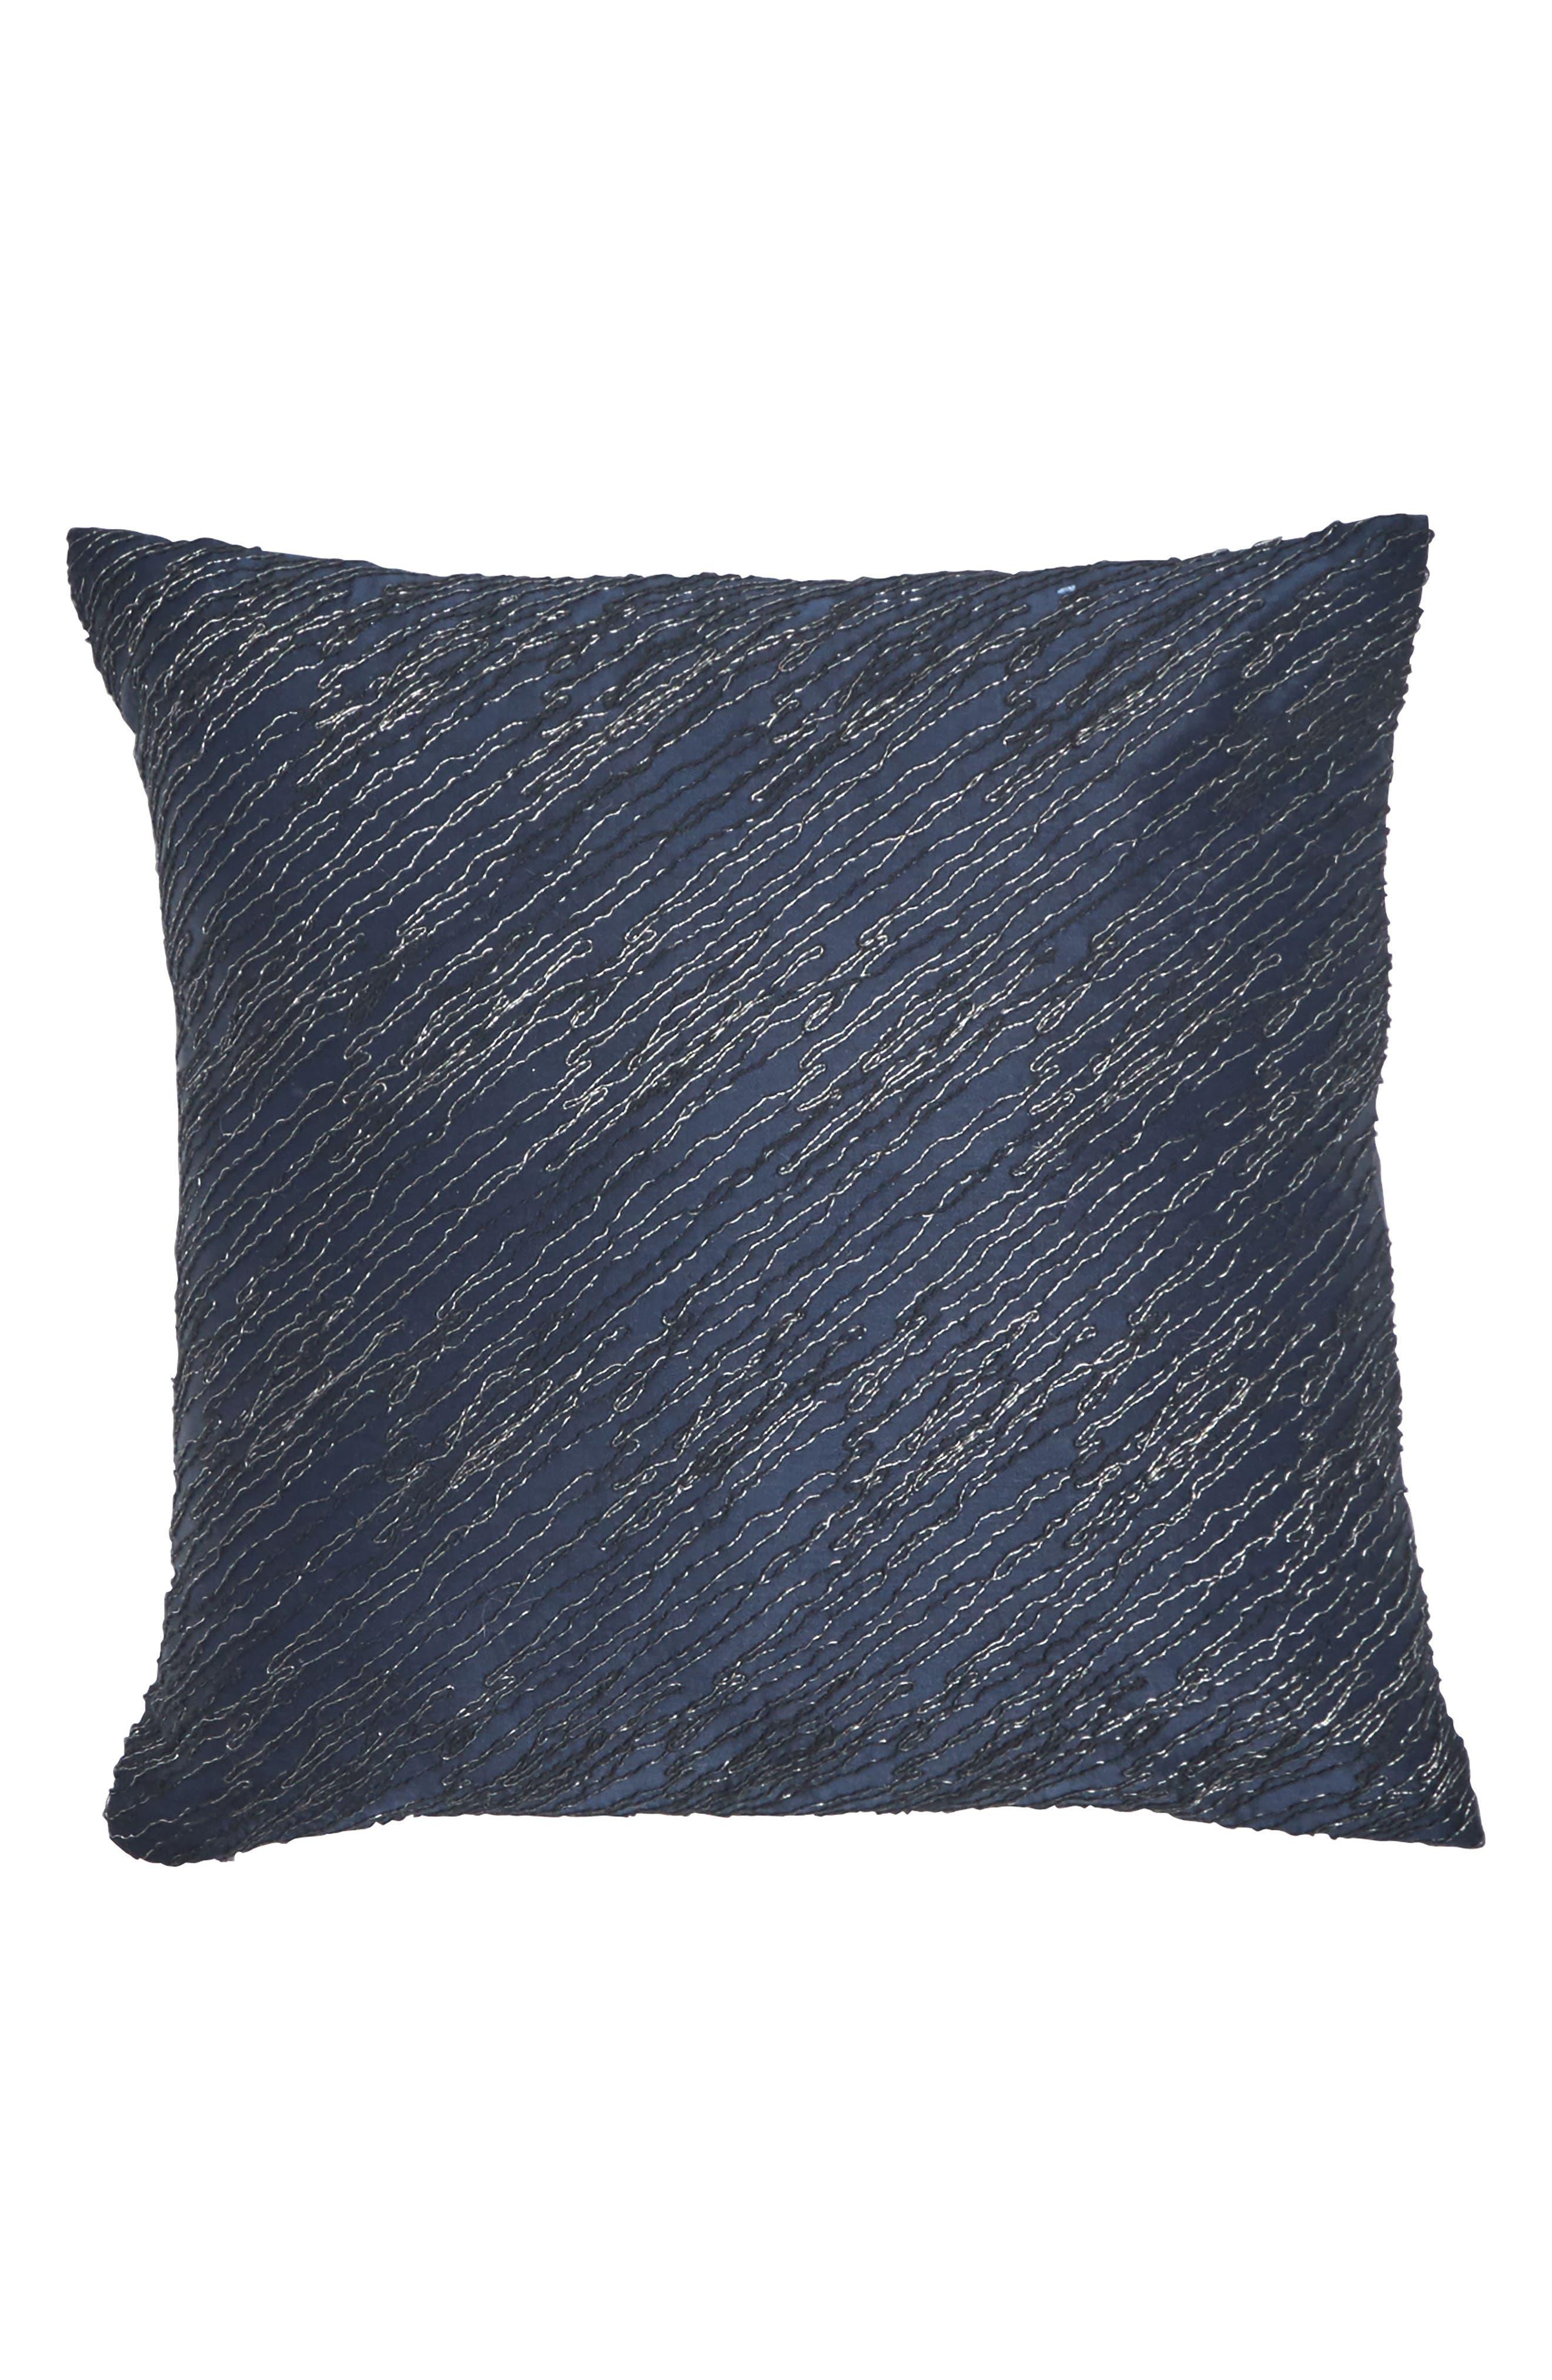 DONNA KARAN NEW YORK Ocean Pillow, Main, color, NAVY